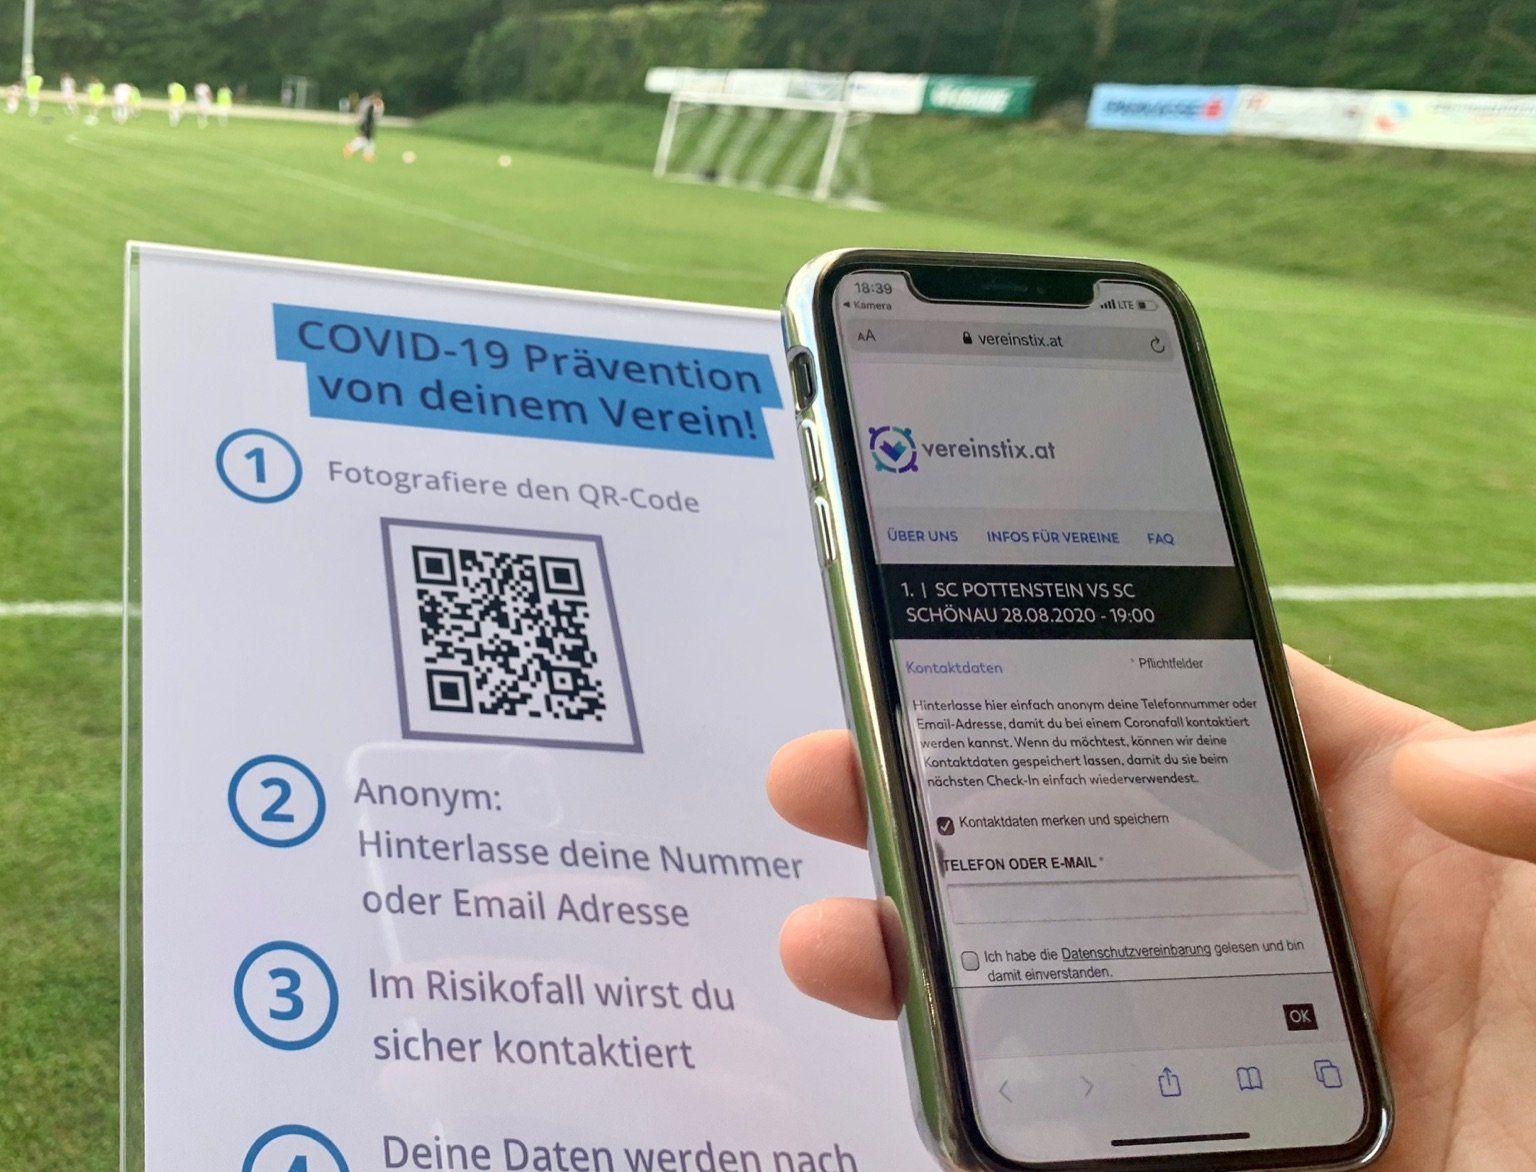 Kostenloses System für Contact Tracing - auch Online-Ticketverkauf möglich!